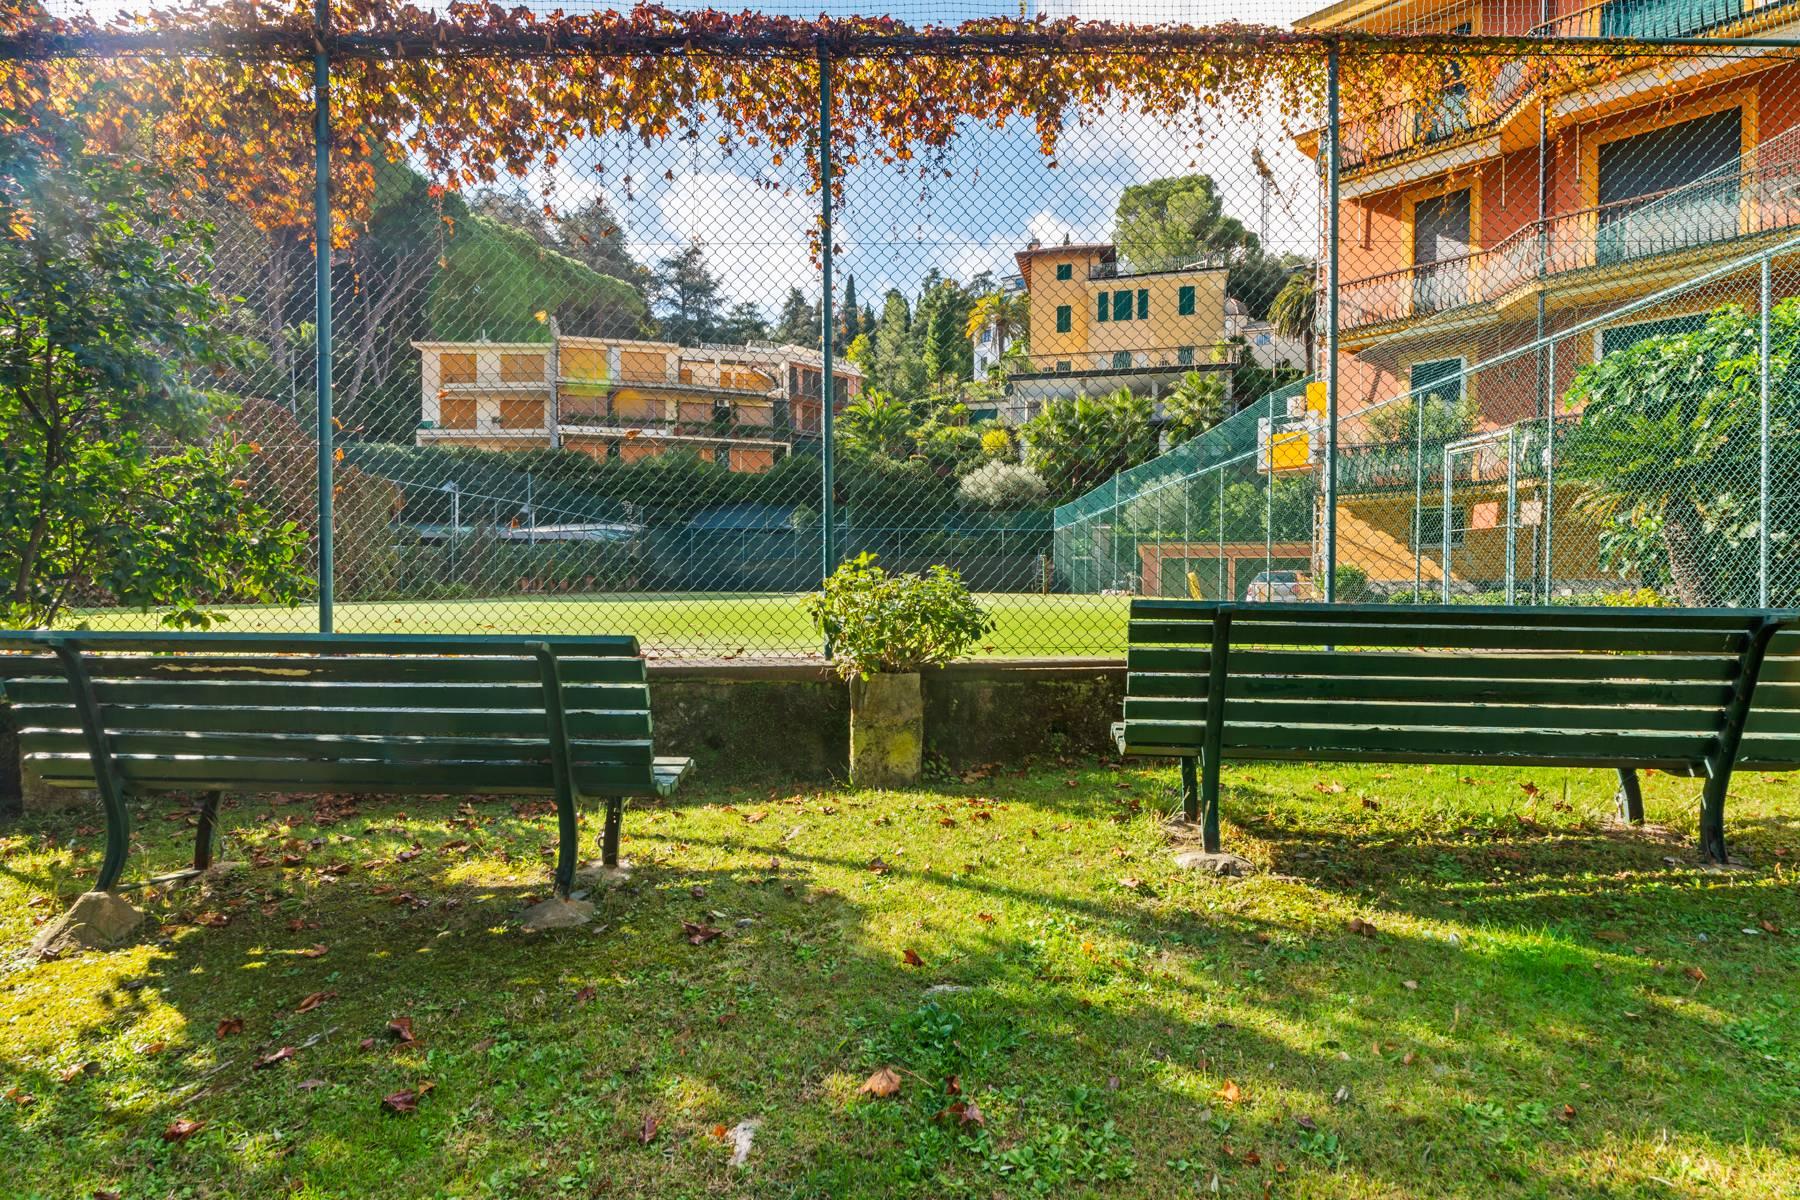 Appartamento in Vendita a Santa Margherita Ligure: 5 locali, 120 mq - Foto 3